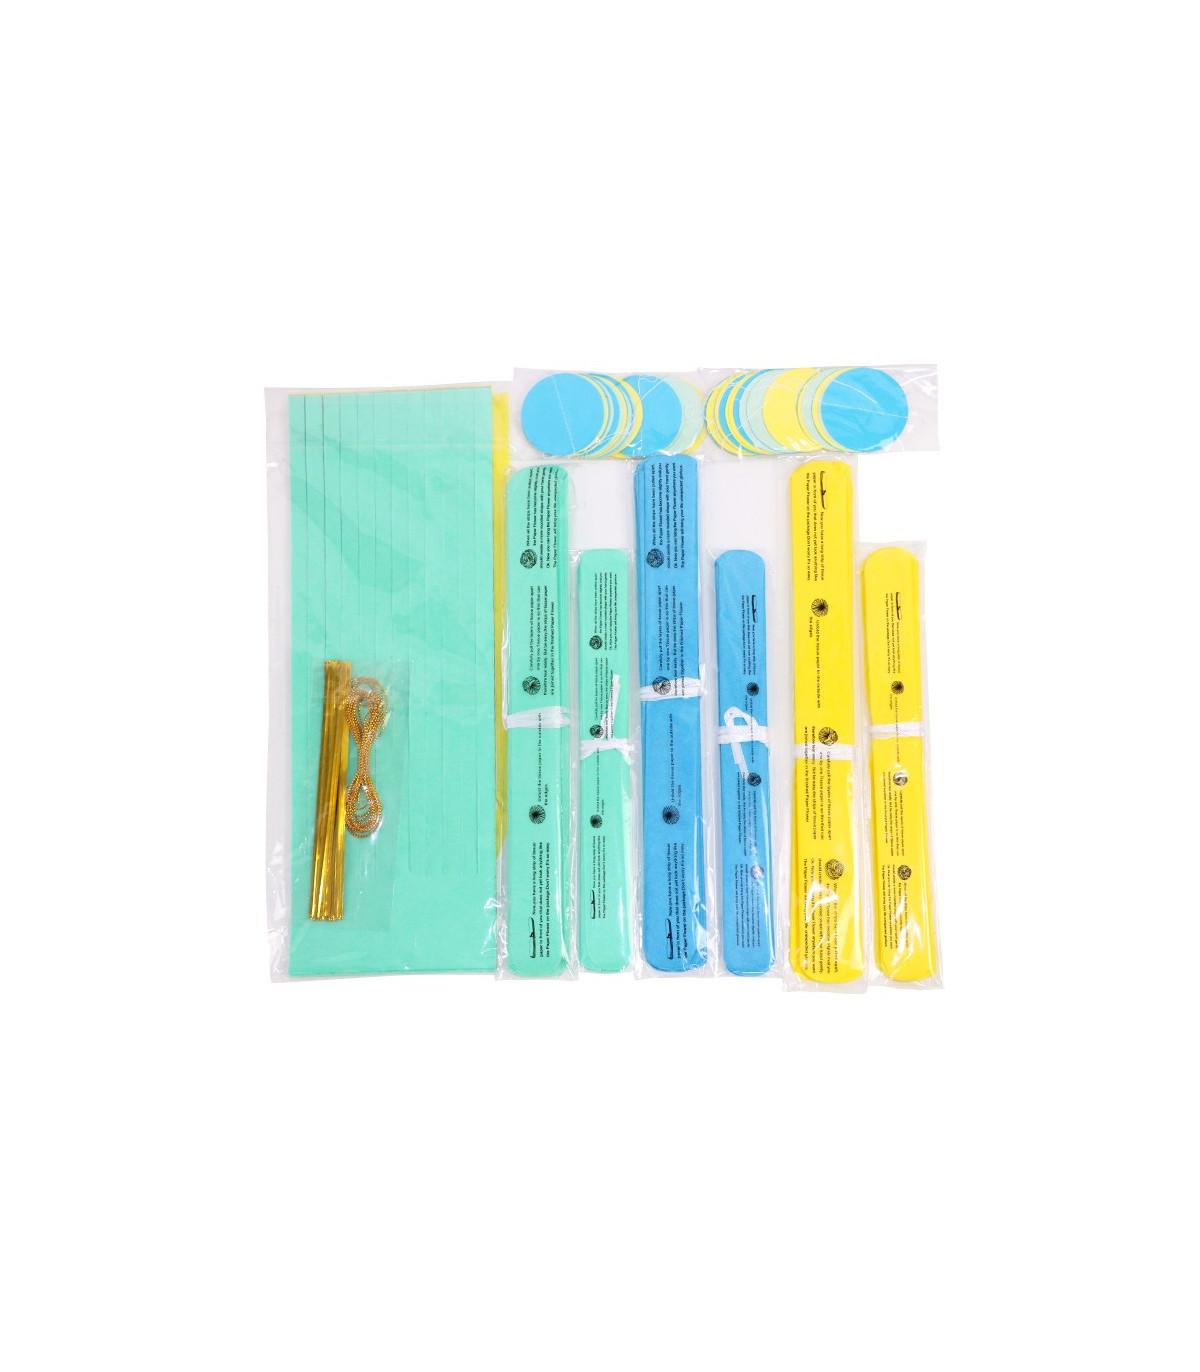 kit deco 20pcs jaune bleu azur bleu pastel pompom lampion guirlande couleur multicouleur. Black Bedroom Furniture Sets. Home Design Ideas